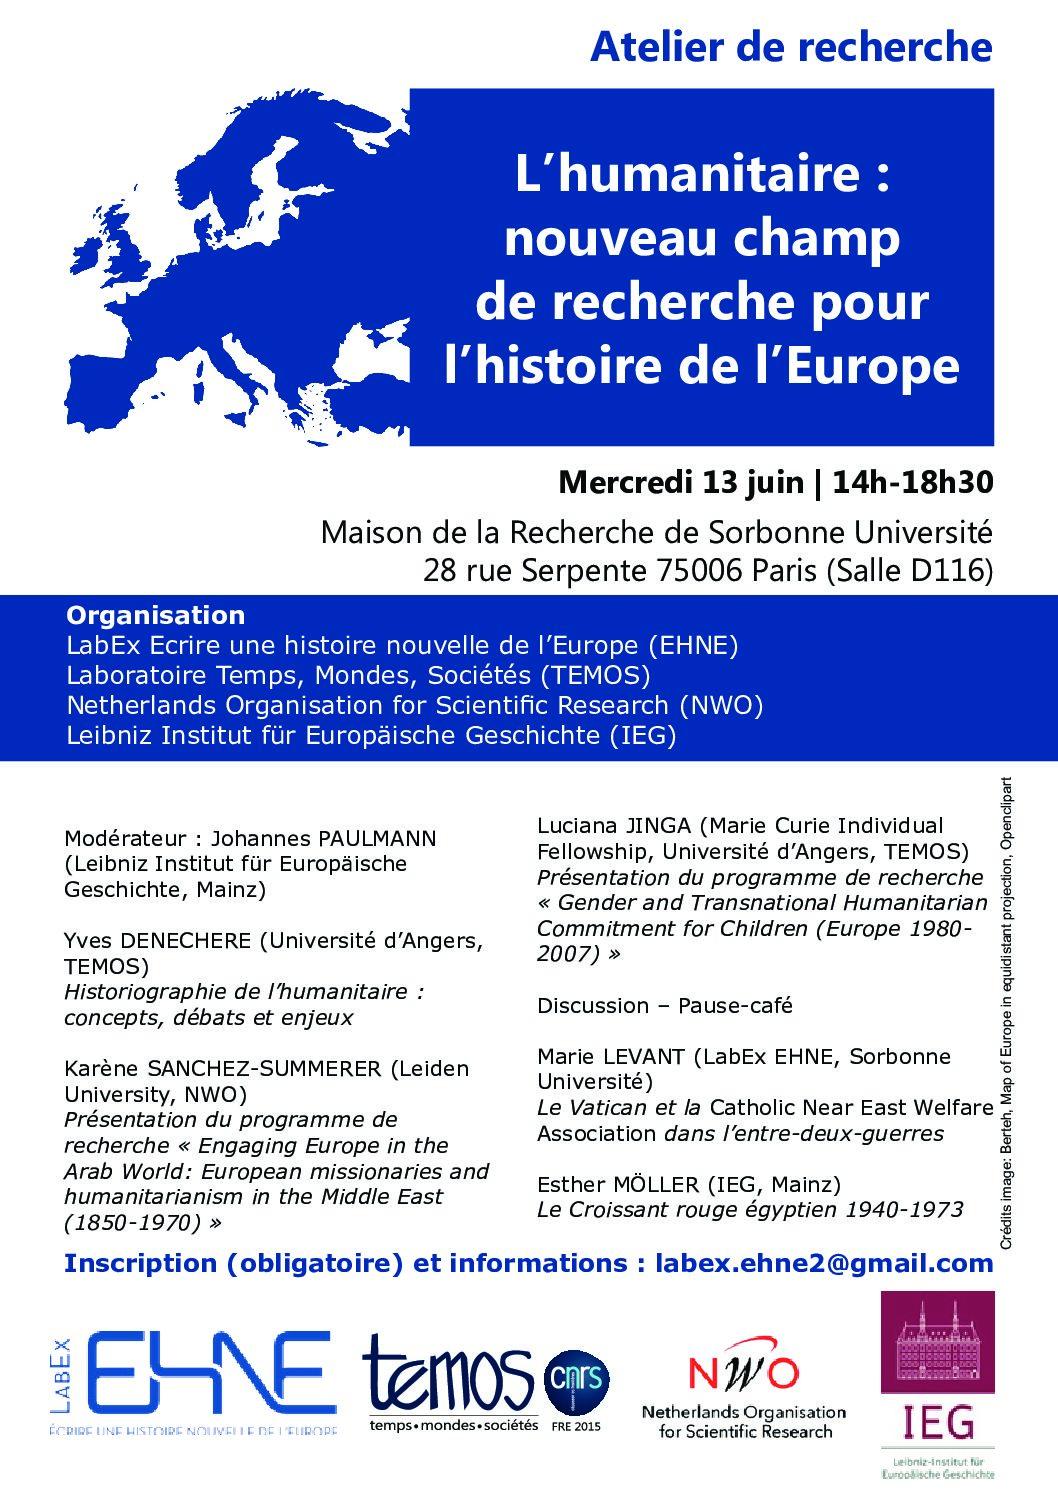 L'humanitaire : nouveau champ de recherche pour l'histoire de l'Europe